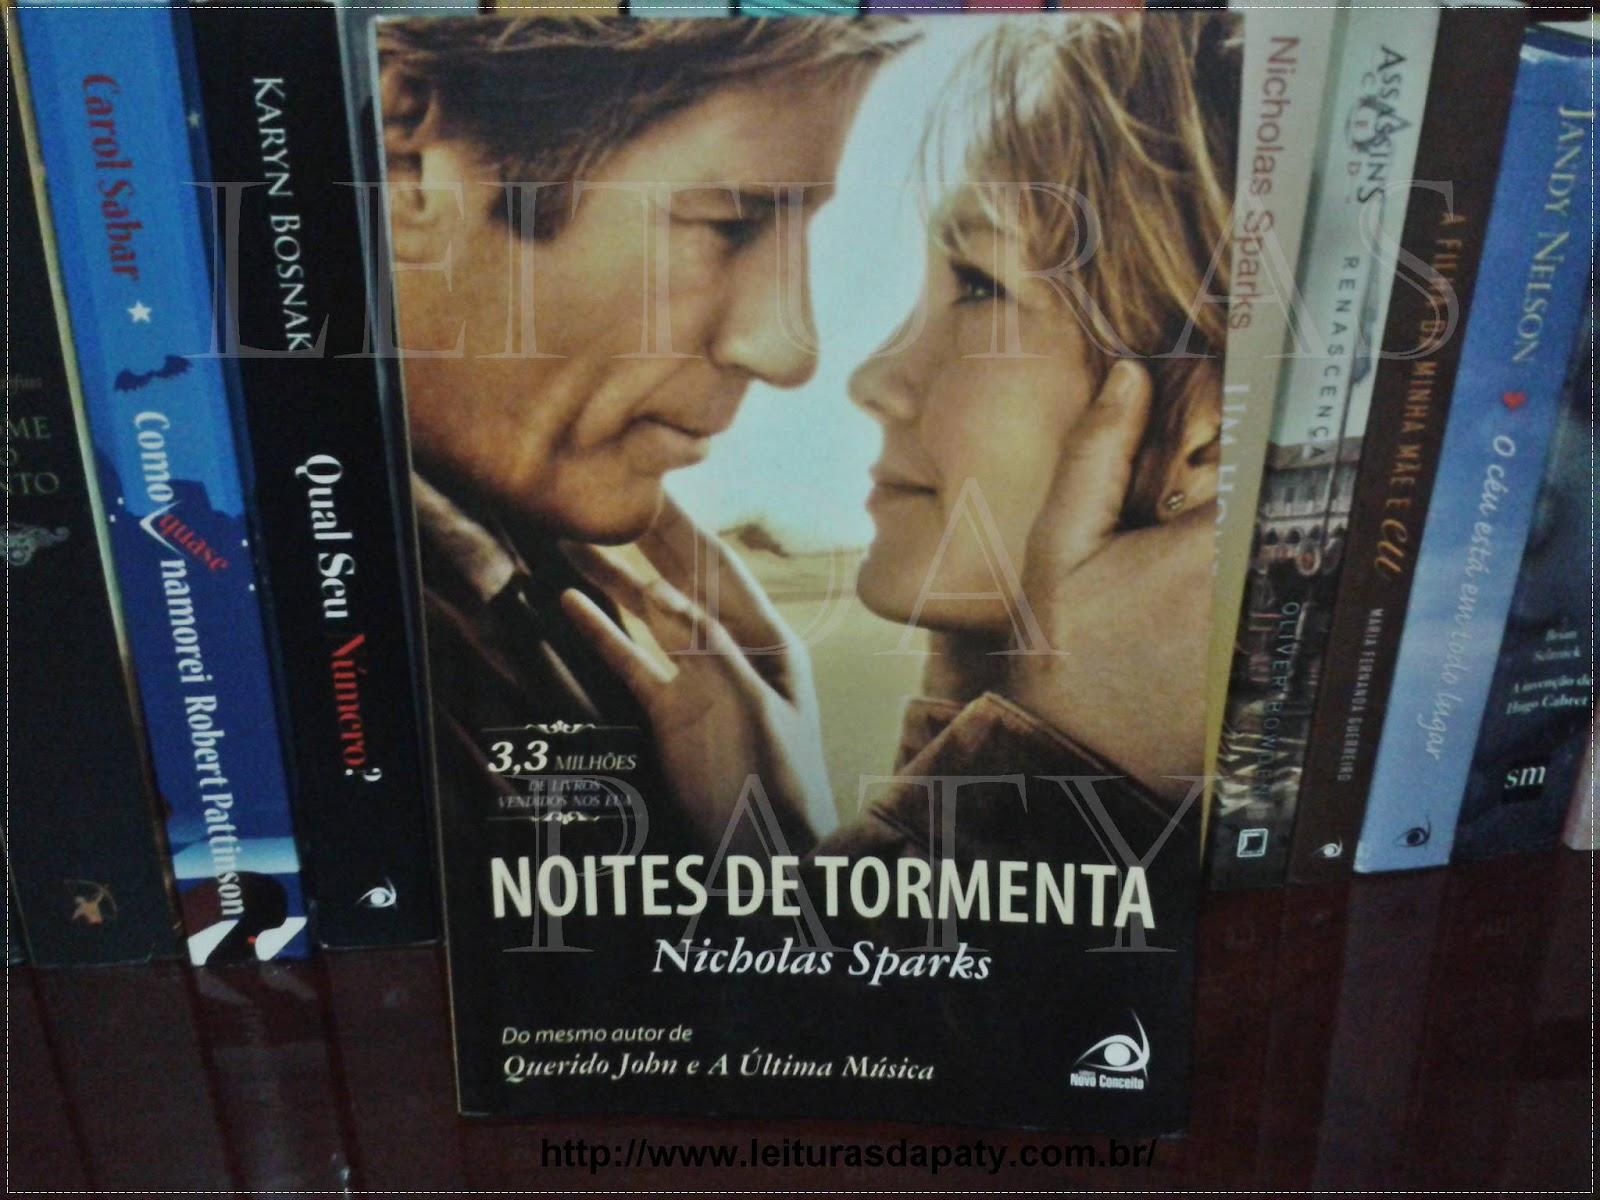 Noites de Tormenta - Nicholas Sparks - Blog Leituras da Paty